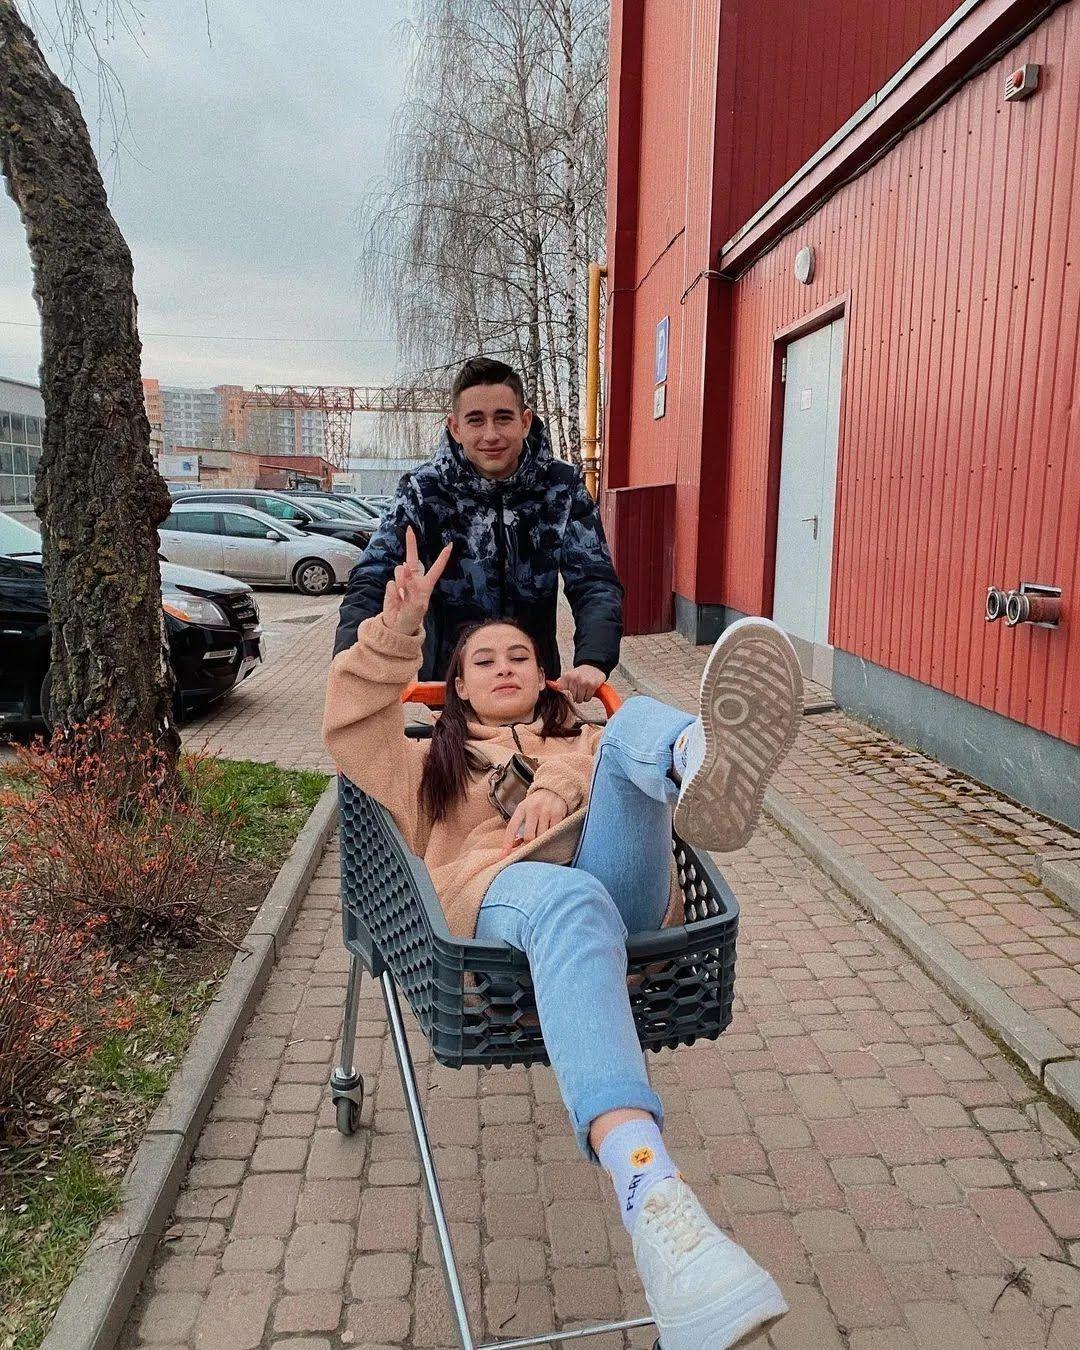 Роман Сасанчин со своей девушкой.